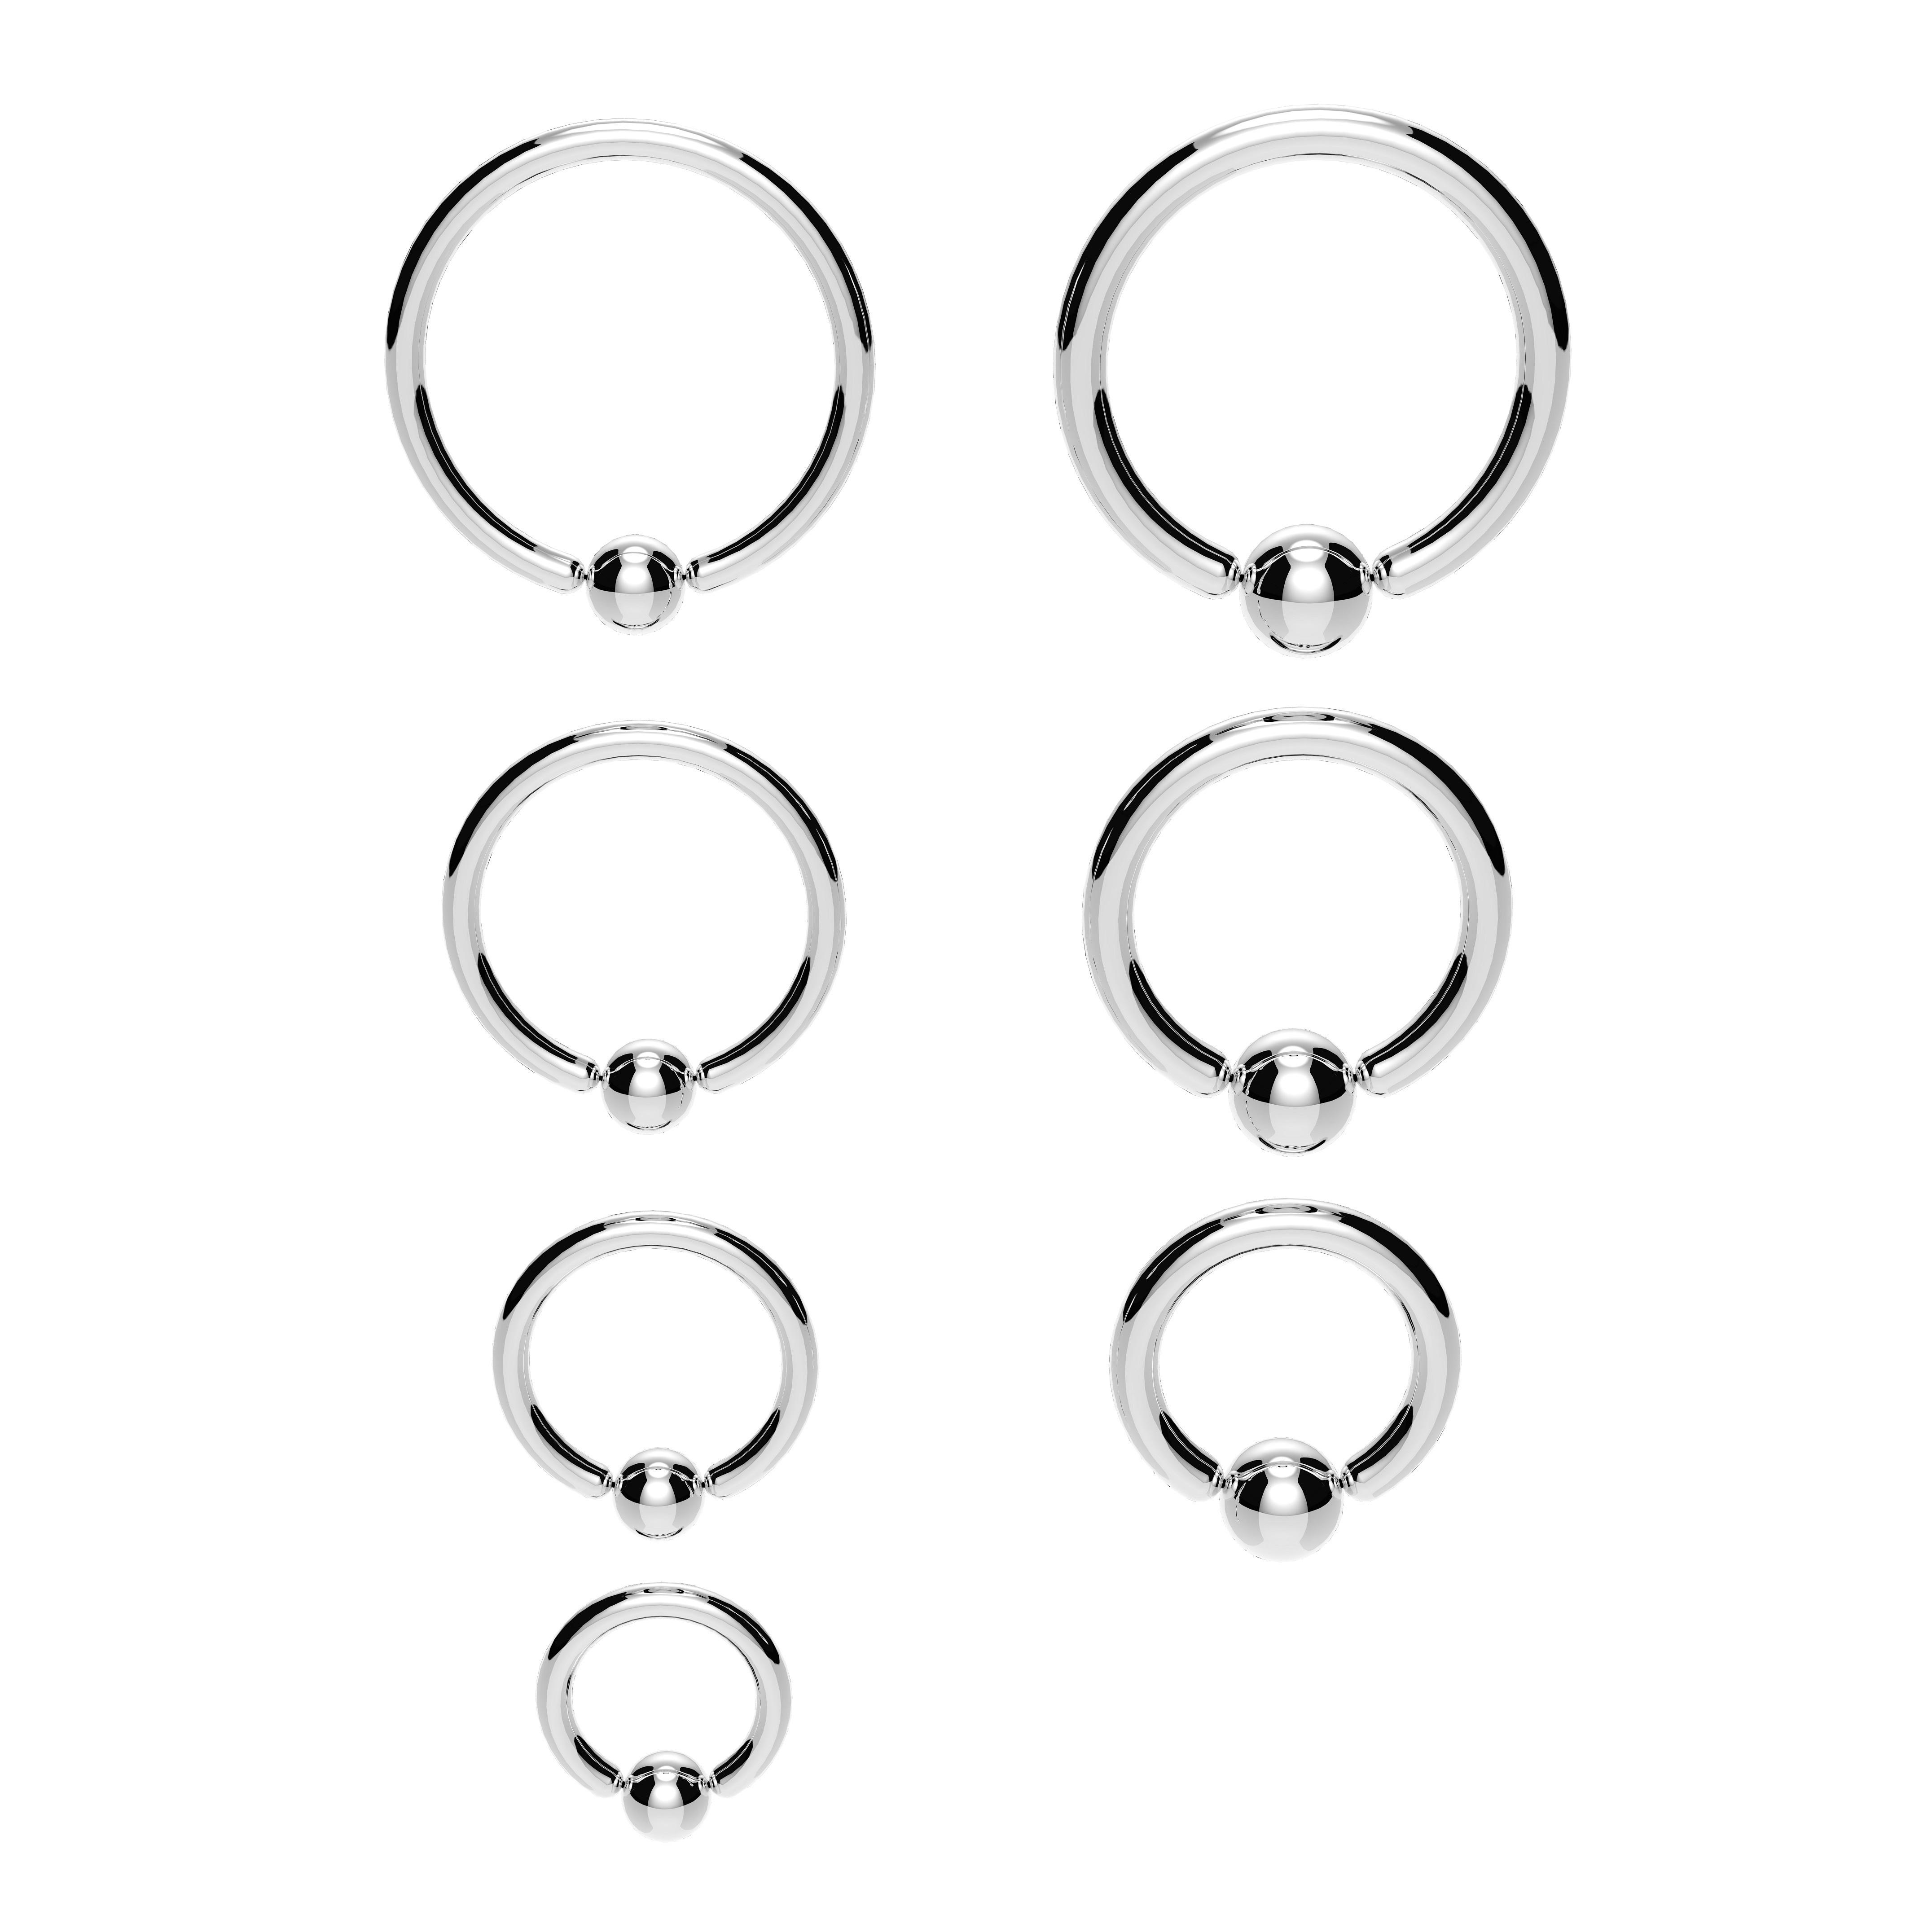 Titanium Bcr Captive Bead Ring